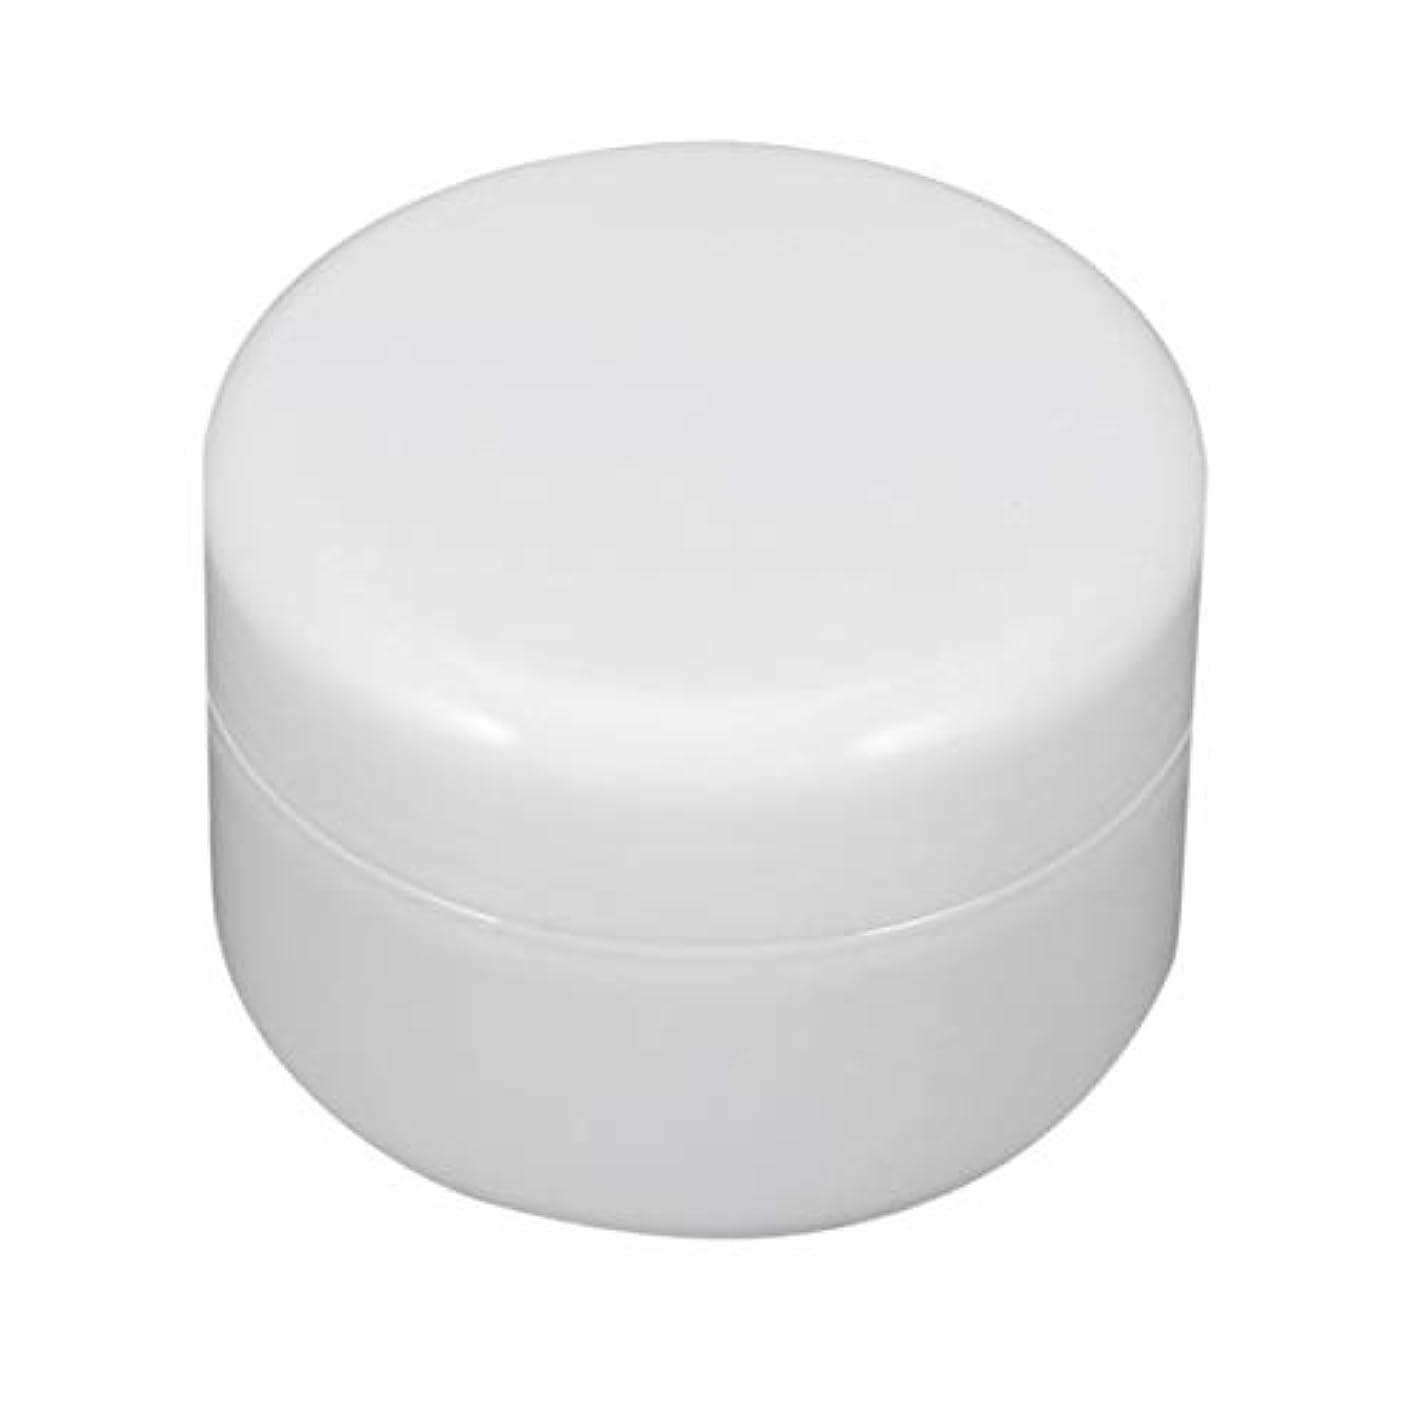 すなわちアクロバット呼び出すねじ帽子と瓶詰めのIntercorey円形PPプラスチック化粧品の容器のクリーム色の瓶